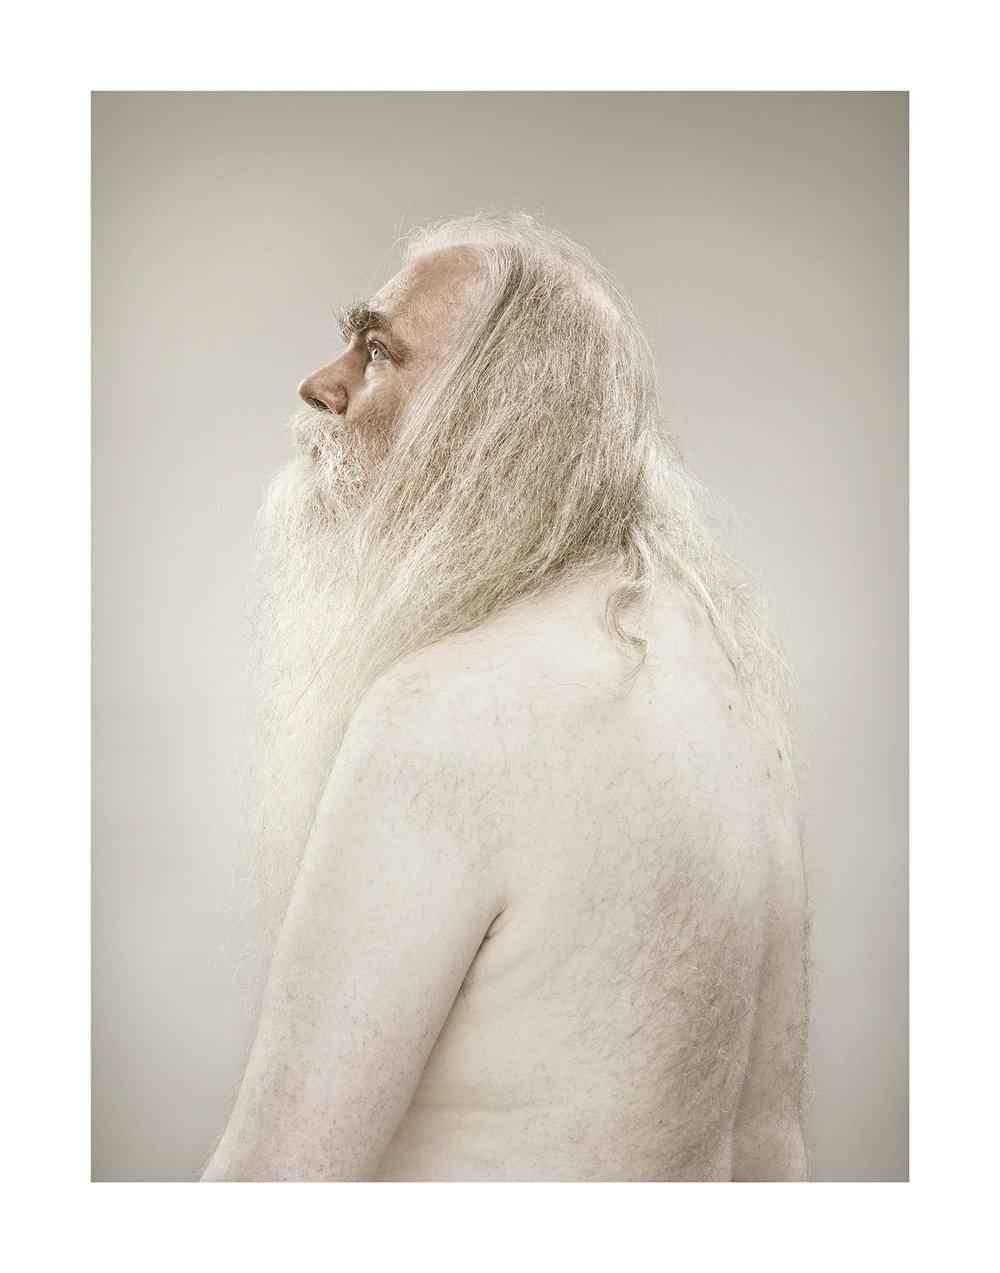 Levon Biss Beards 03.jpg